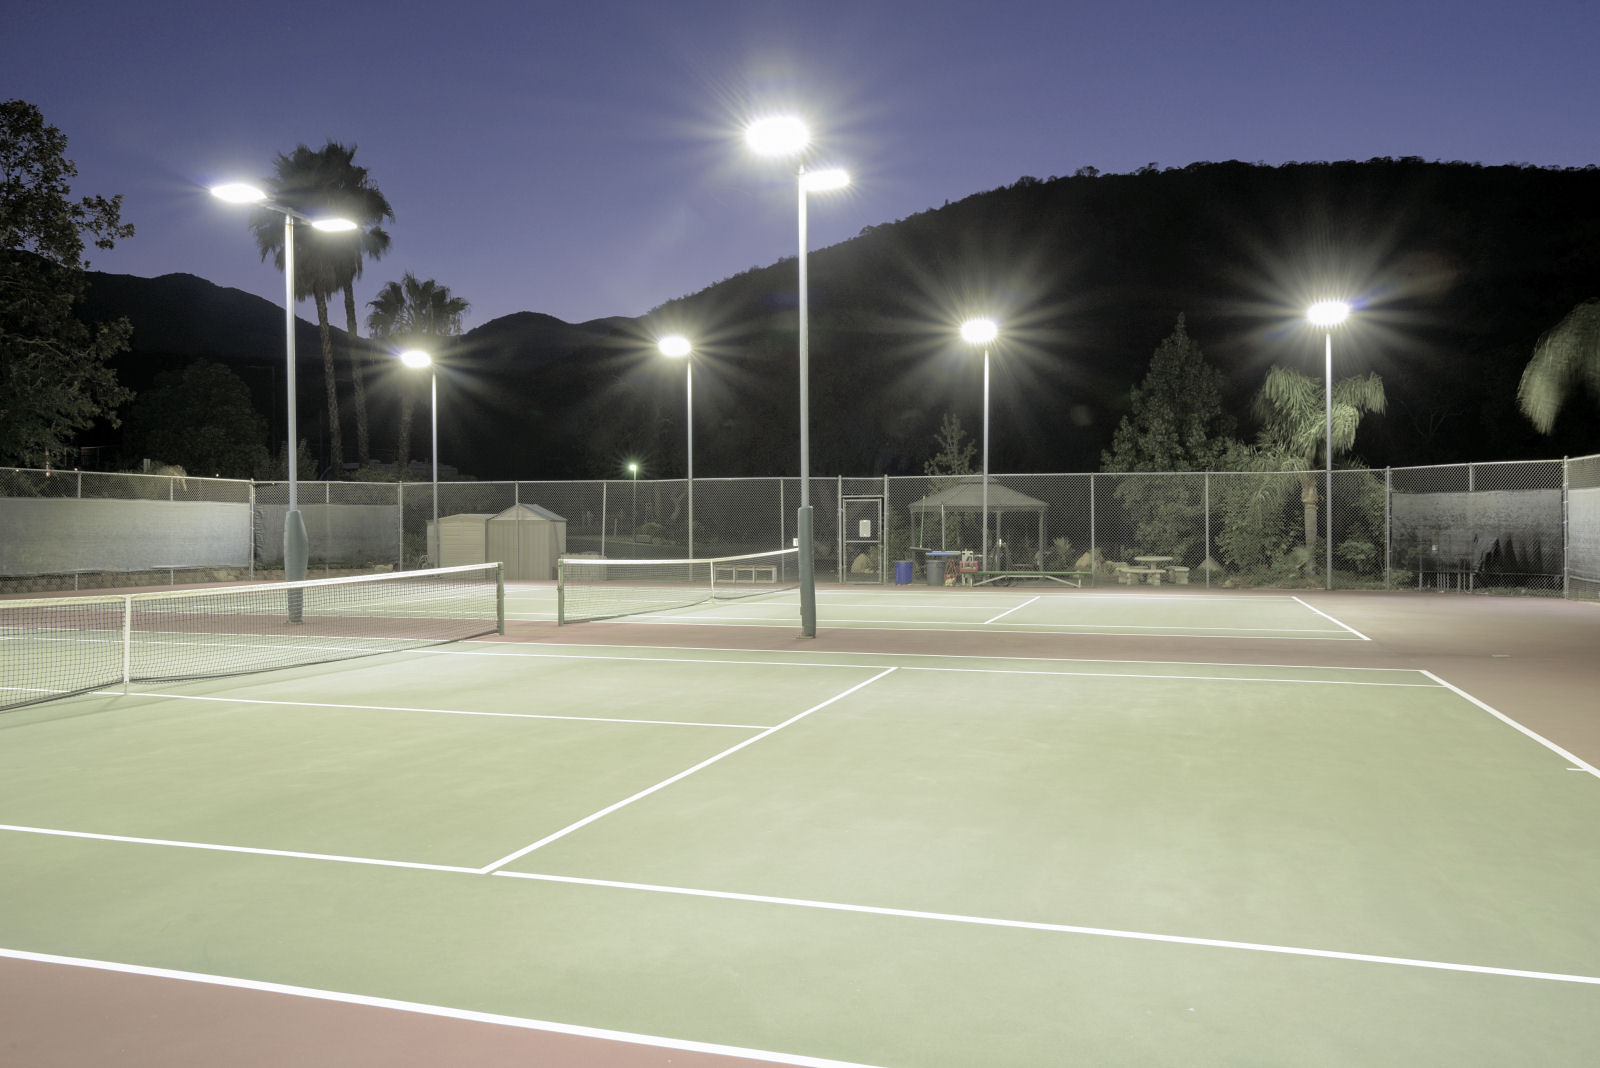 Kültéri teniszpálya világítás